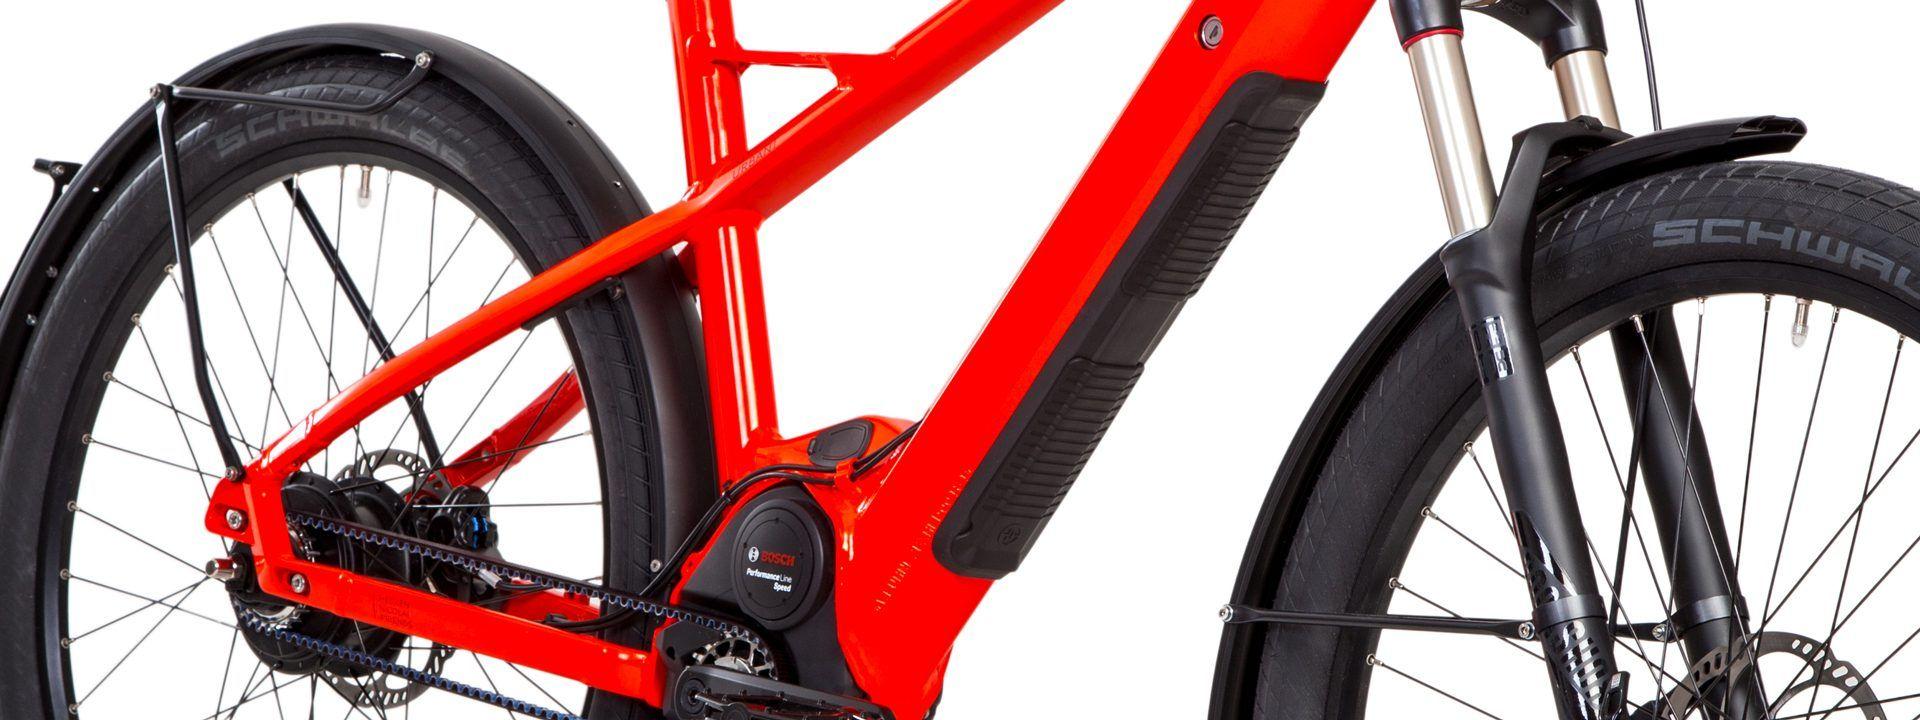 XD2-neon-orange_v4-1920x720